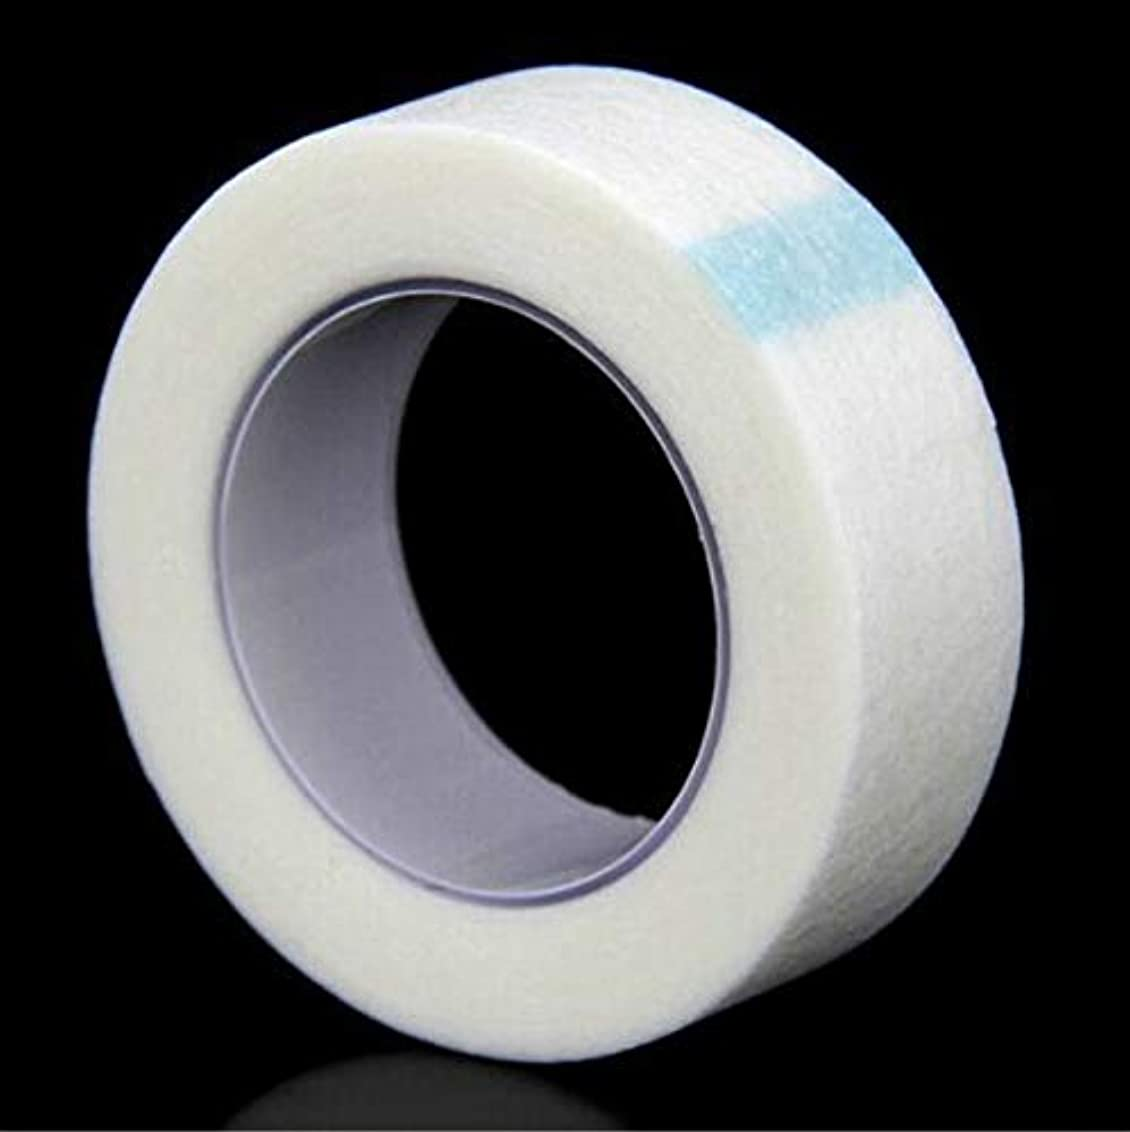 主要な花作業MEI1JIA QUELLIA 3 PCS移植まつげテープ、通気性絶縁テープ、美まつげ、上下のまぶた個々に包装さ4.5メートル不織布のために特別なまつげテープ